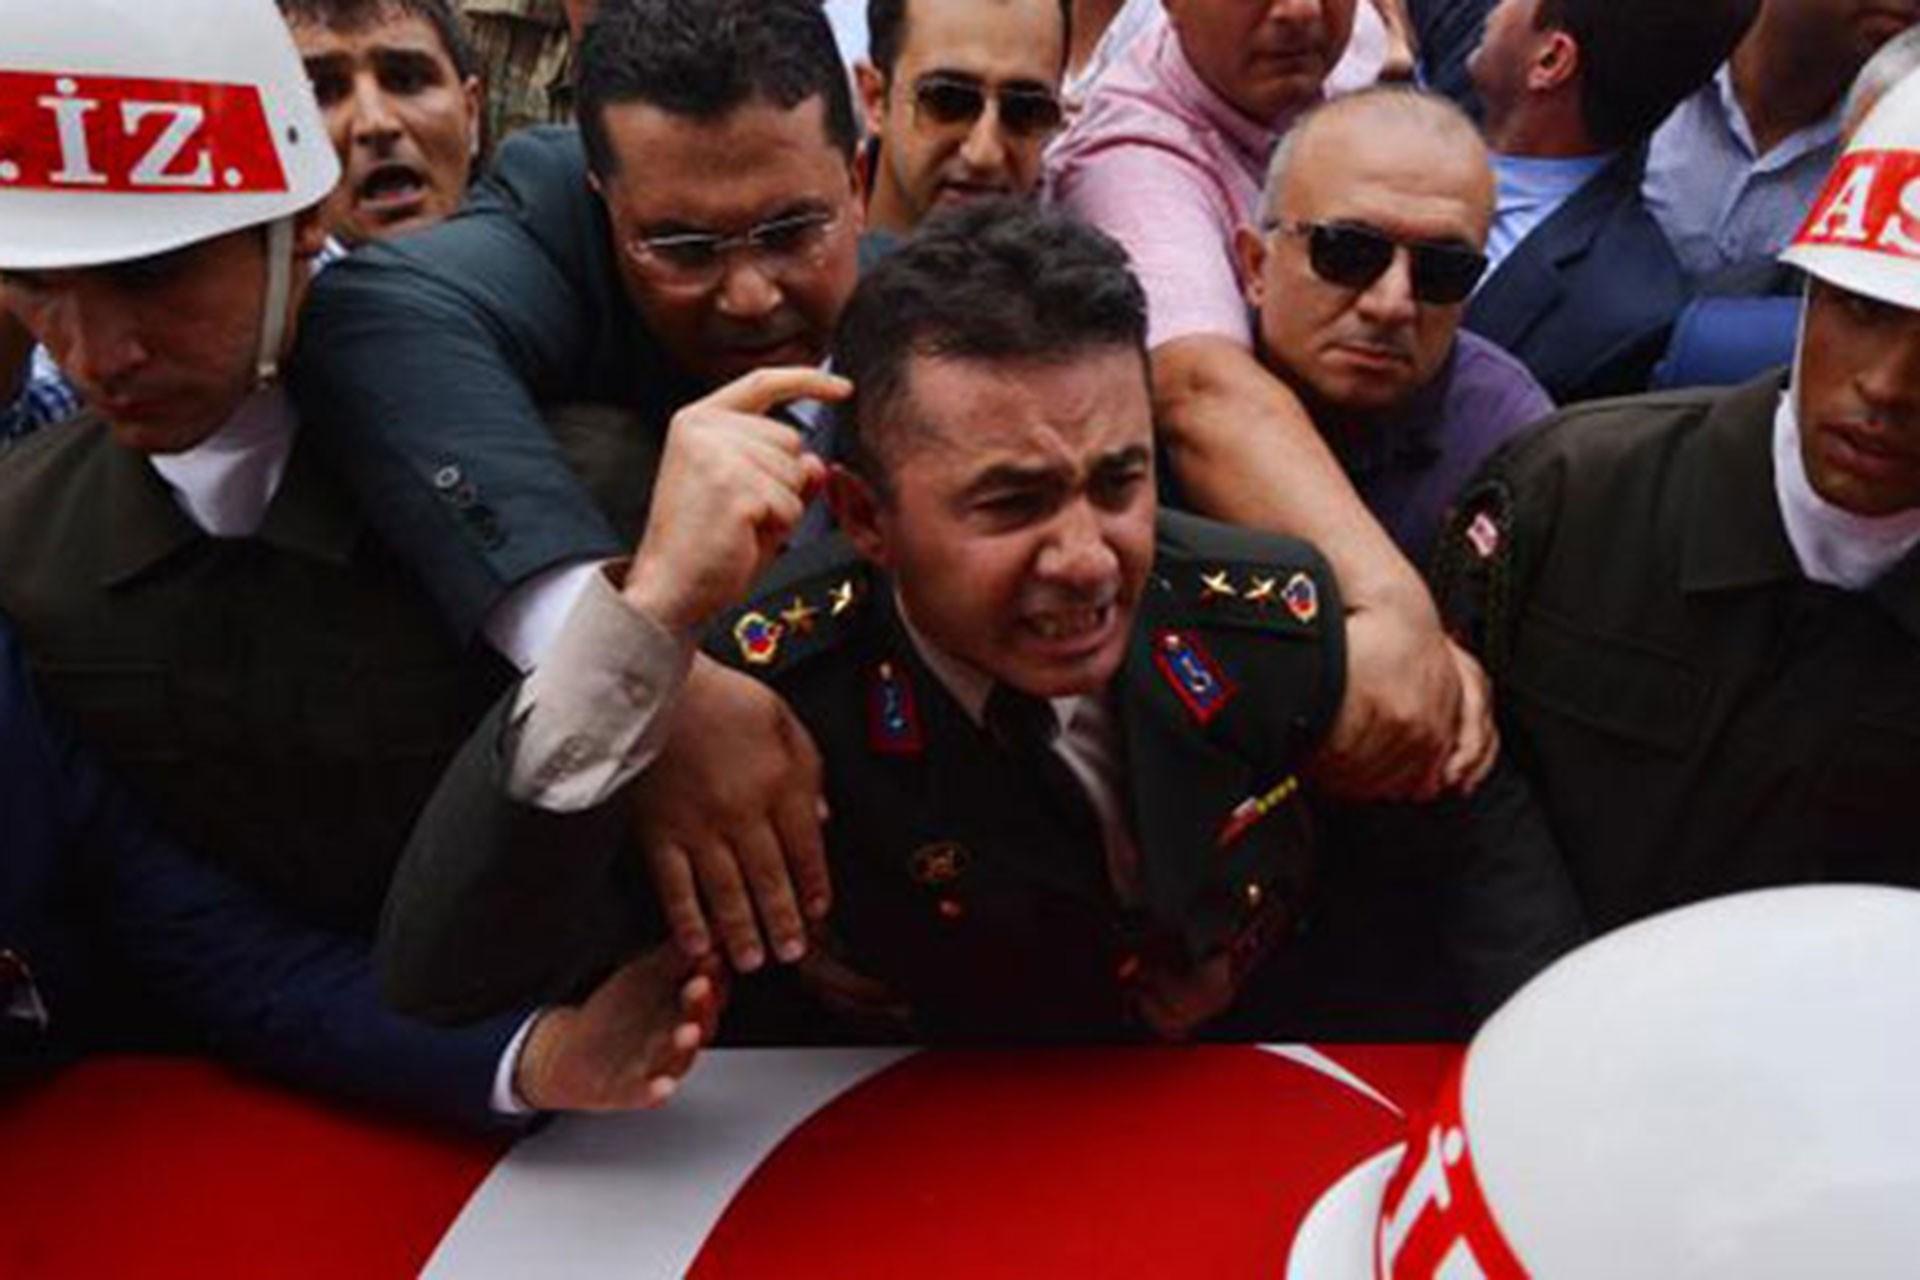 Eski Yarbay Mehmet Alkan 'FETÖ üyeliği' davasından beraat etti